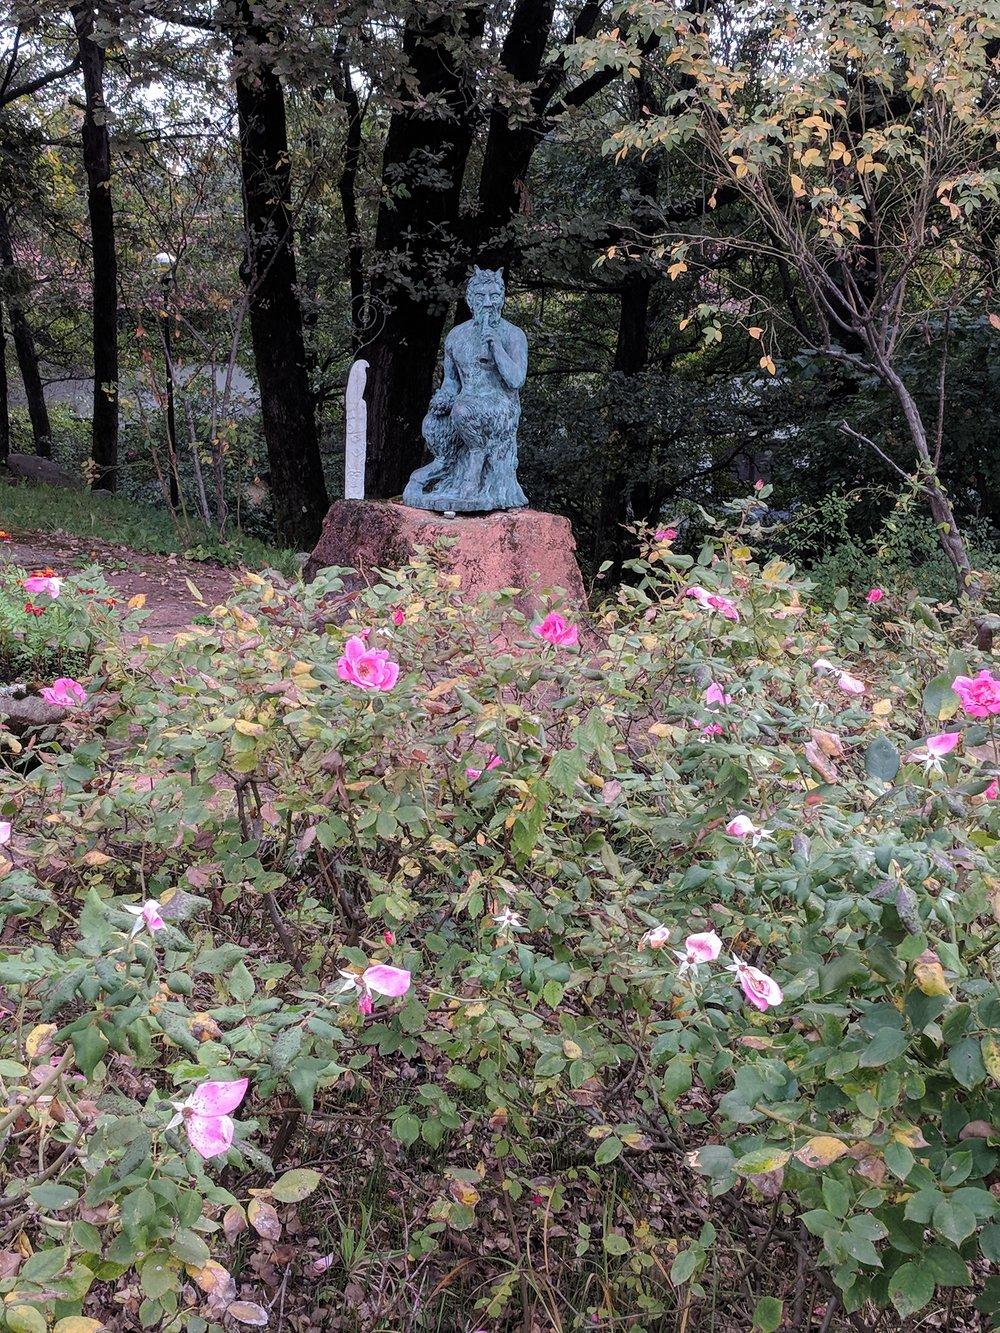 Pan Sculpture in Damjl